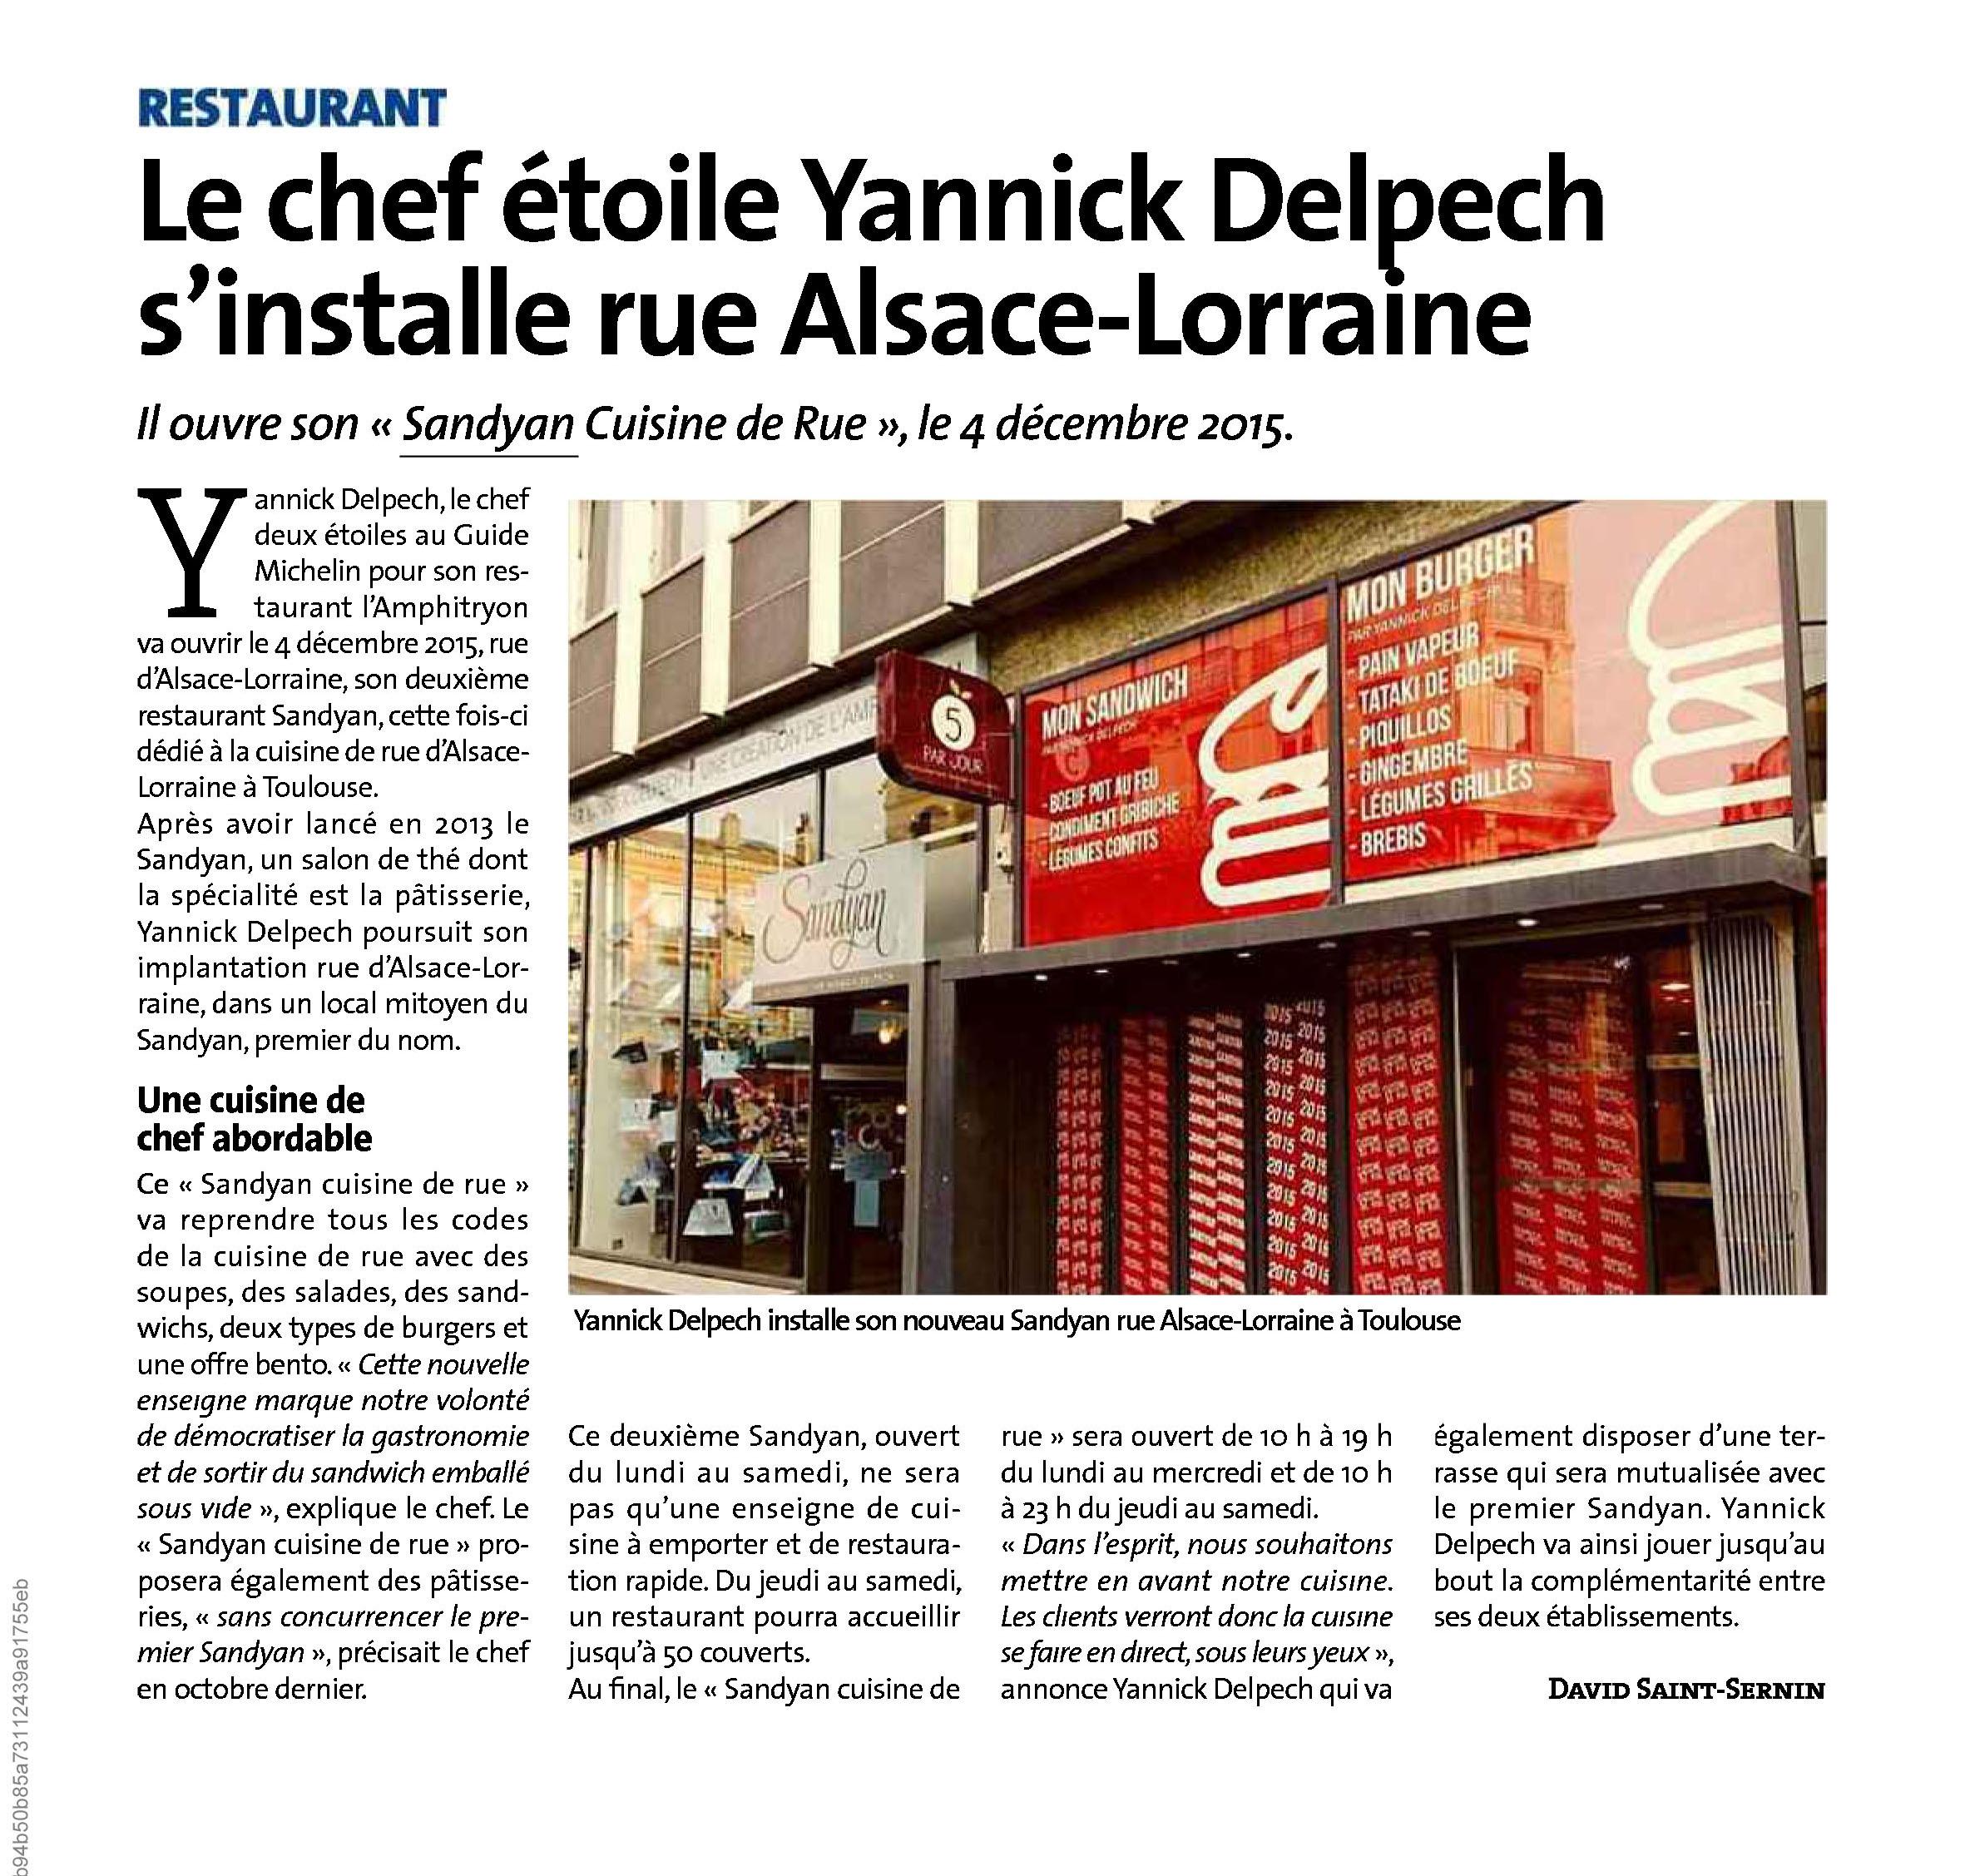 Le chef étoilé Yannick Delpech s'installe rue Alsace – Lorraine, Voix du Midi 26-11-2015